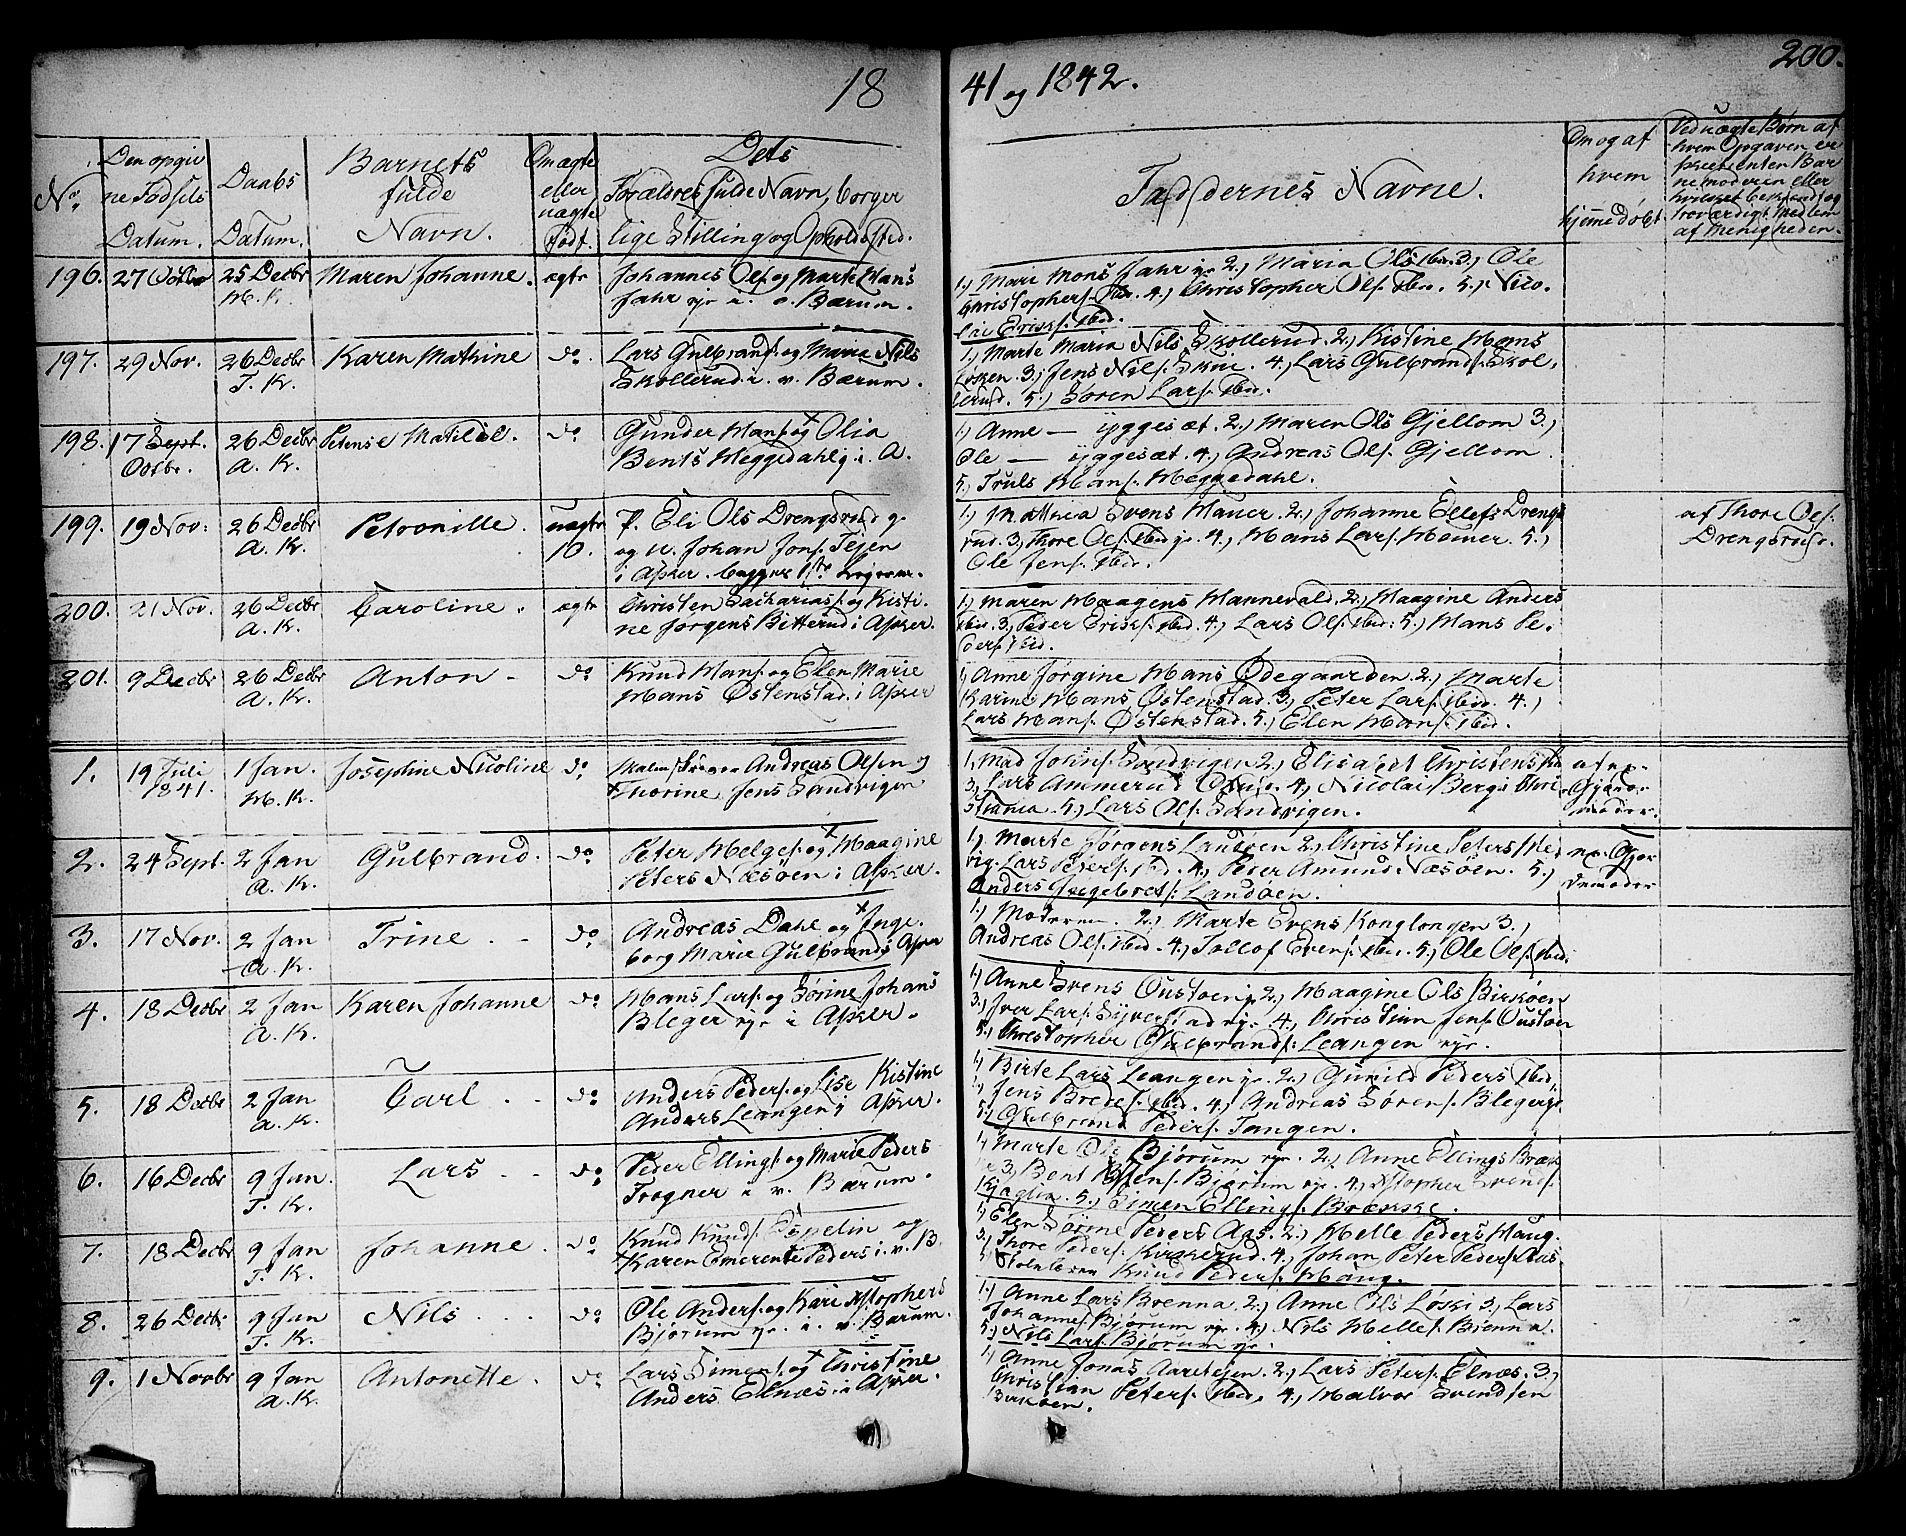 SAO, Asker prestekontor Kirkebøker, F/Fa/L0007: Ministerialbok nr. I 7, 1825-1864, s. 200